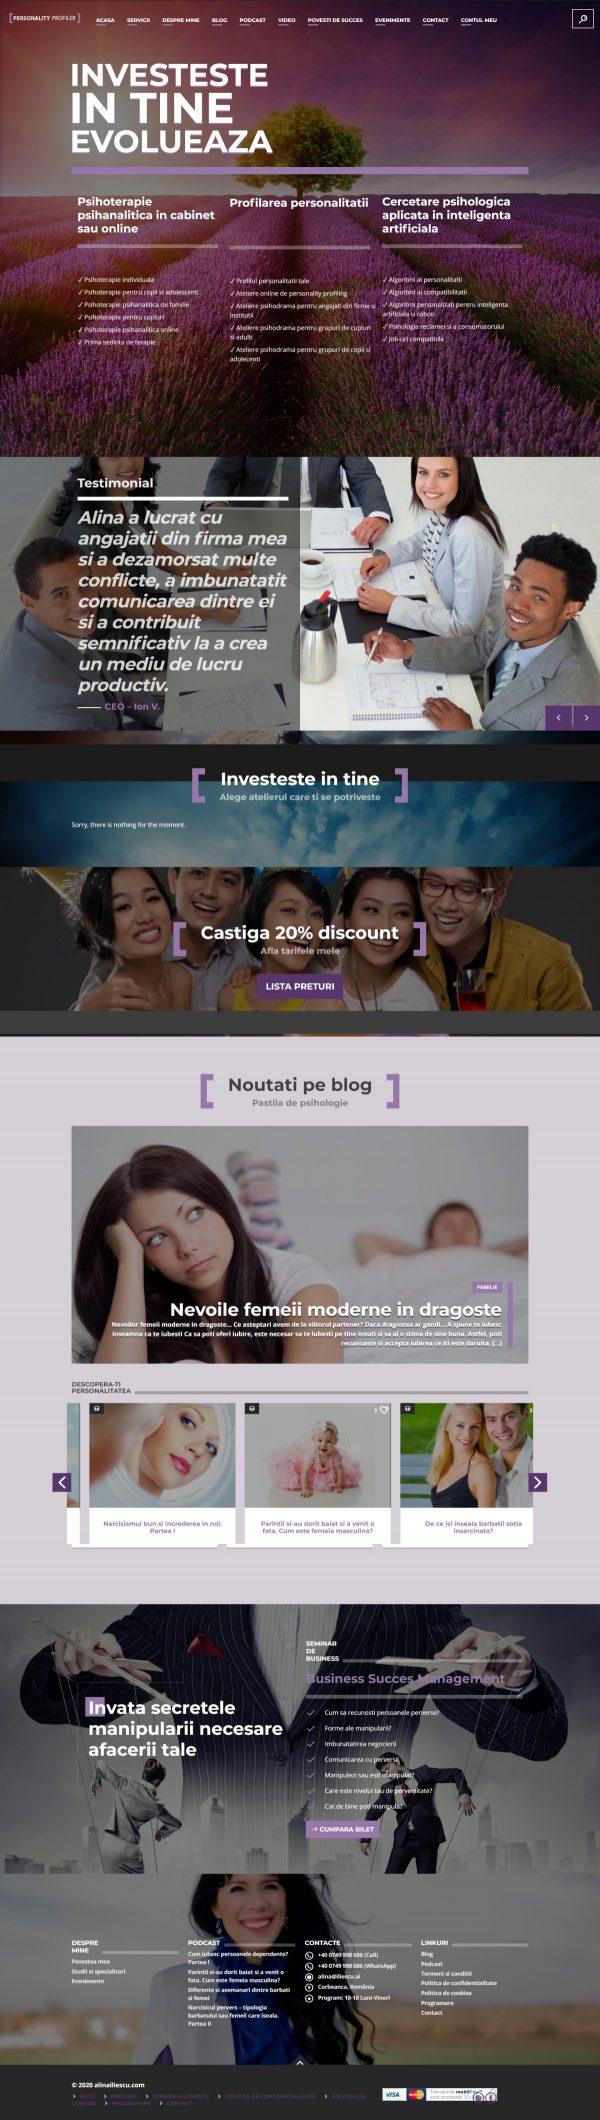 alinailiescu.com